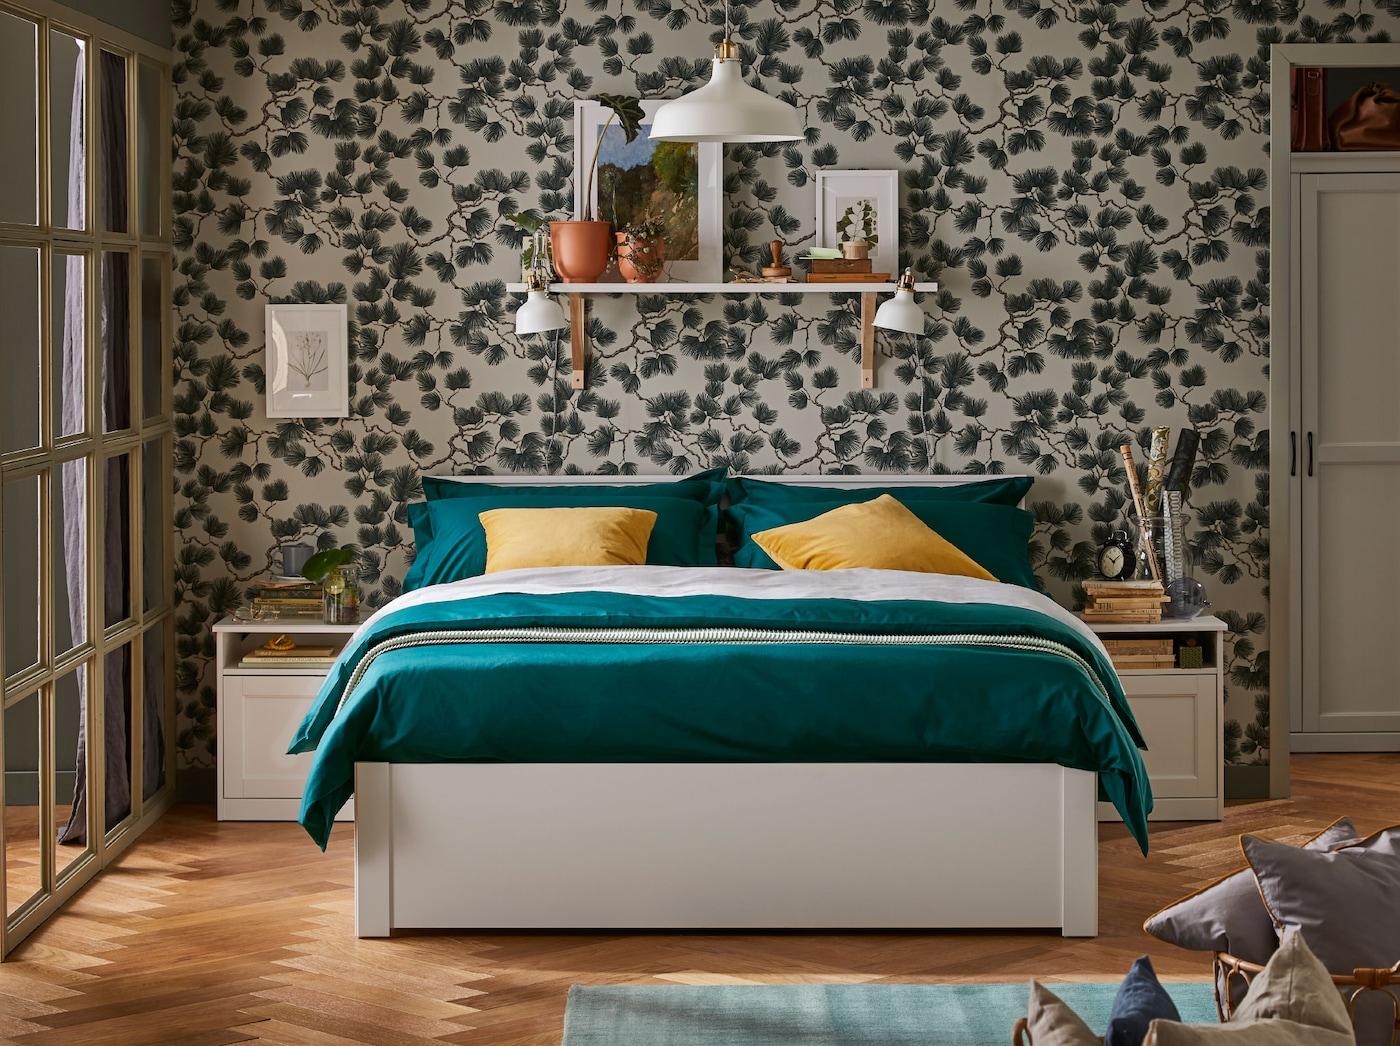 Ein SONGESAND Bettgestell in Weiß mit grüner Bettwäsche und gelben Kissen. Darüber befindet sich ein weißes Regal an der Wand. Über dem Doppelbett hängt eine weiße Hängeleuchte.